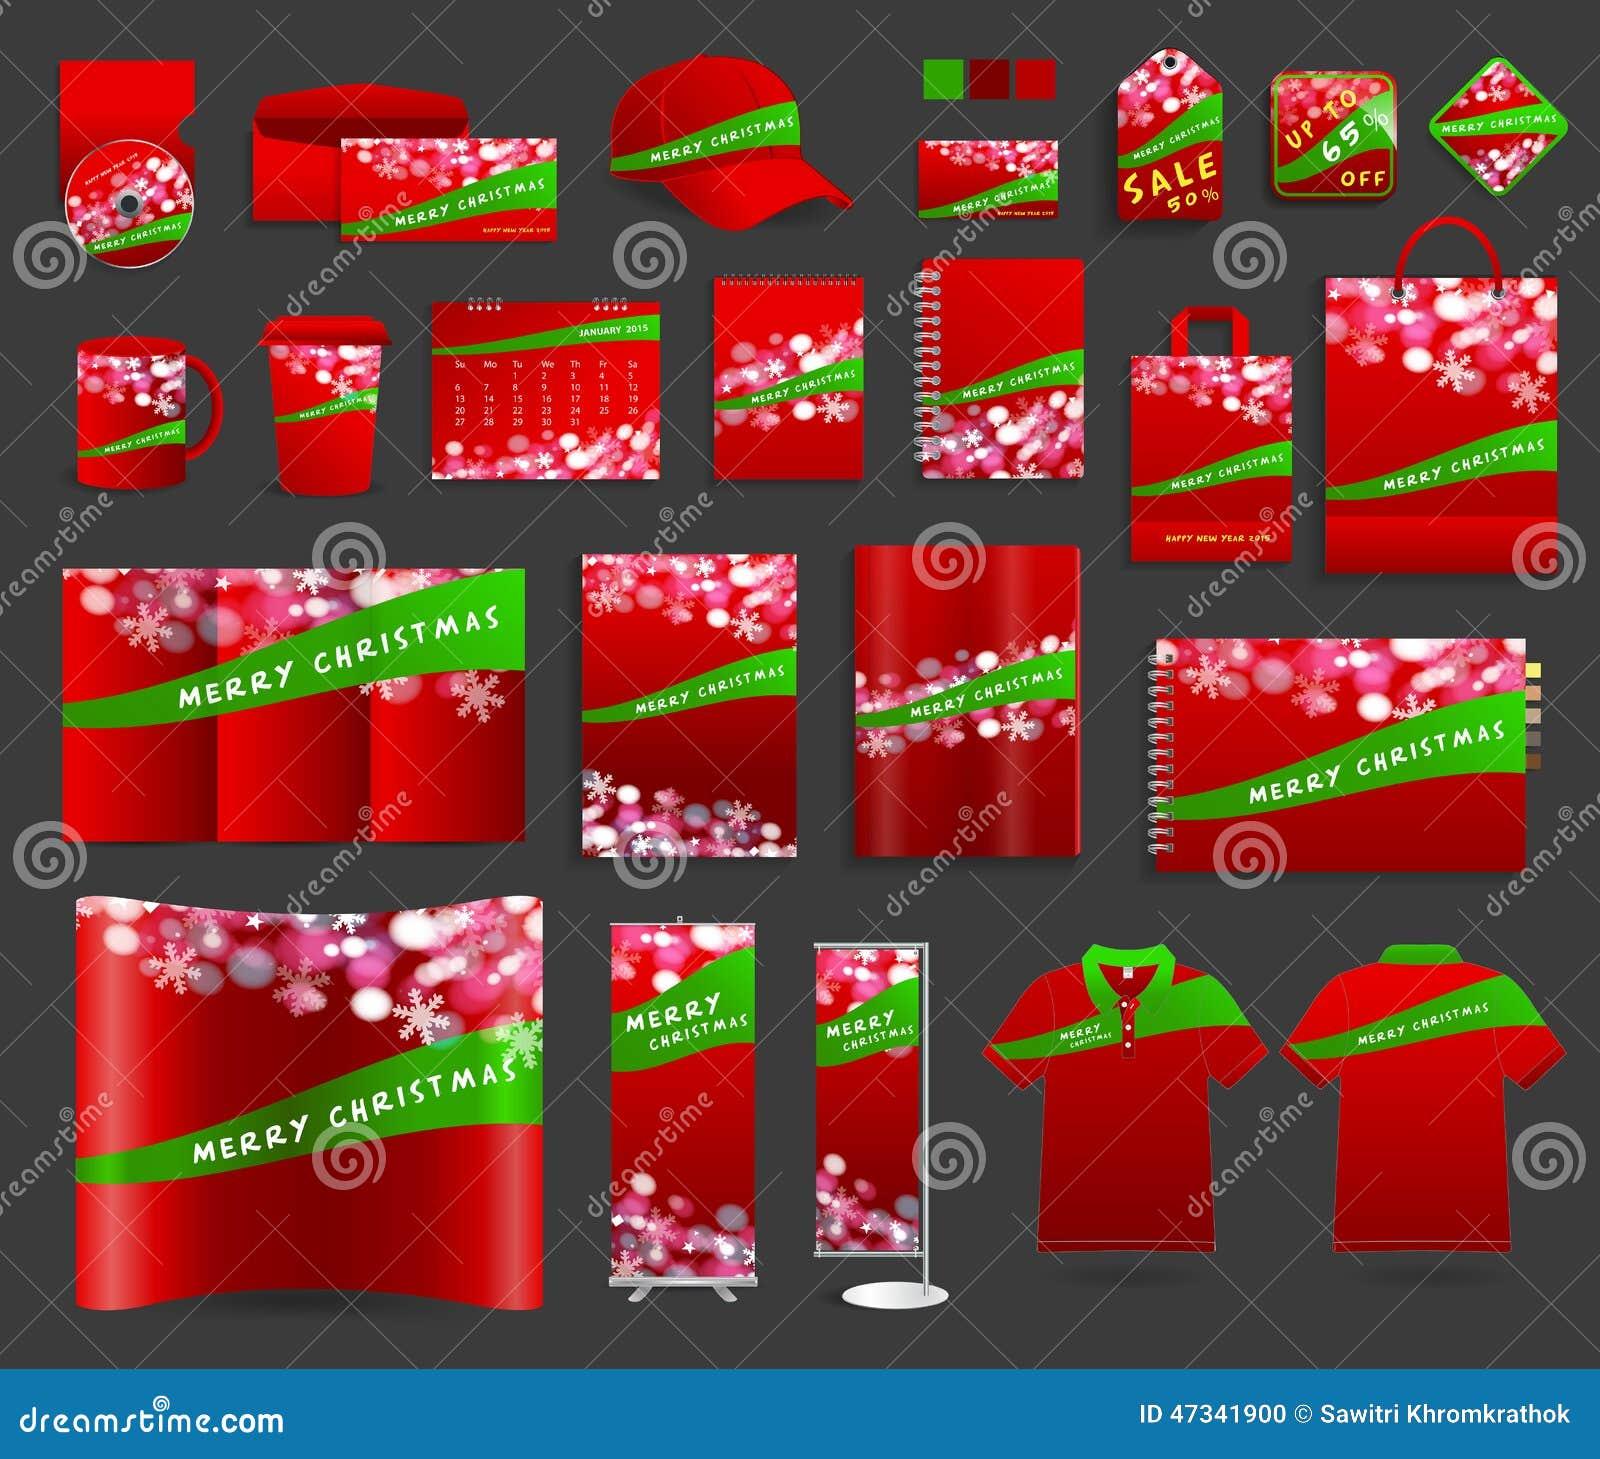 Bakgrund för julljus med mallar för företags identitet